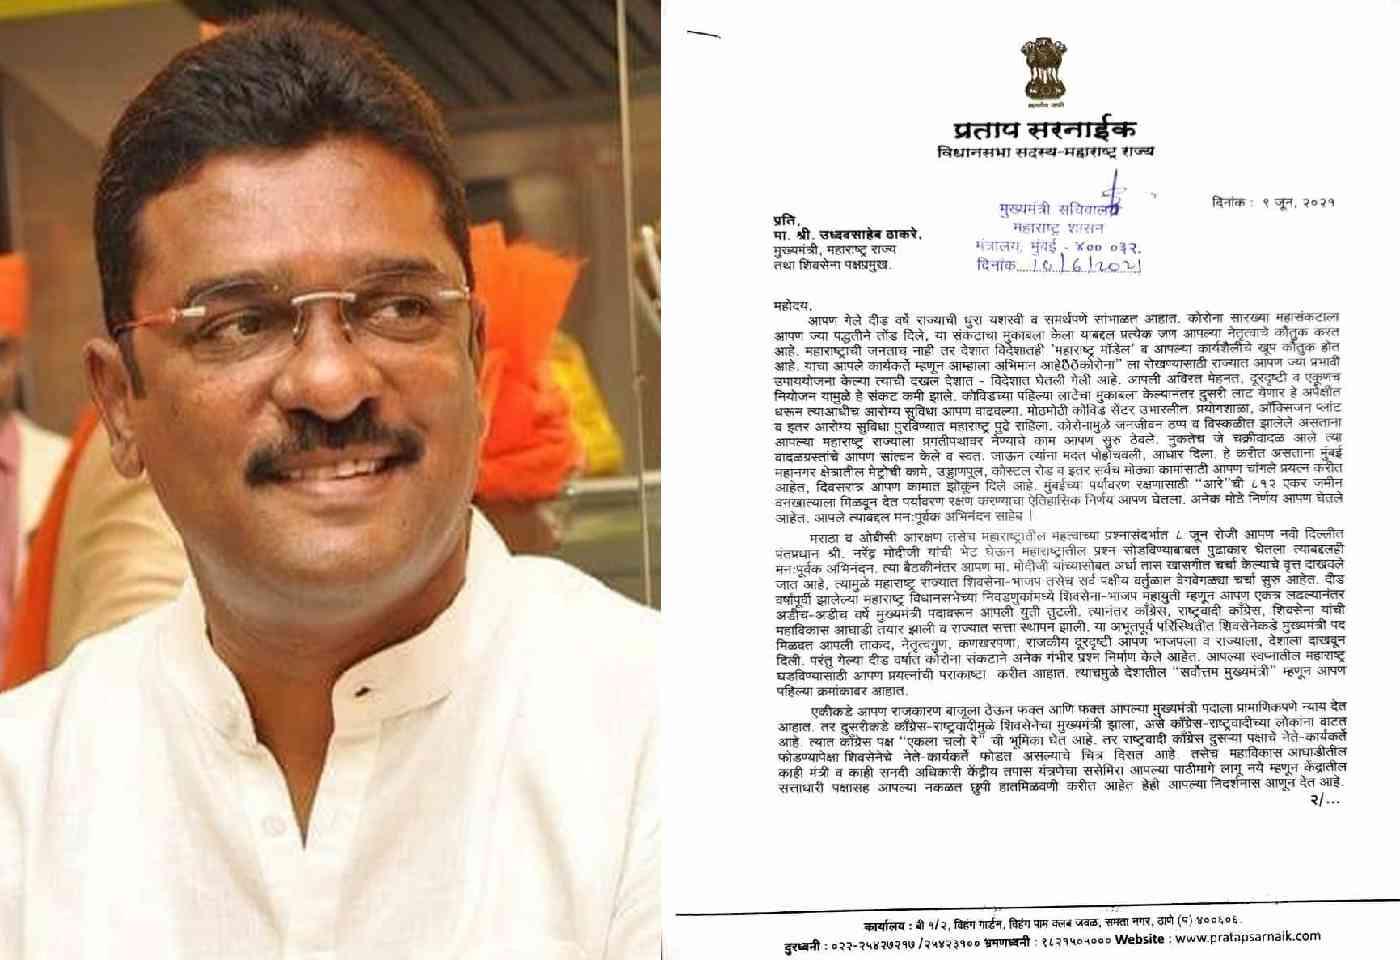 काँग्रेस-राष्ट्रवादी शिवसेनेला कमकुवत करत आहेत, भाजपशी जुळवून घ्या; प्रताप सरनाईक यांचा उद्धव ठाकरेंना लेटरबॉम्ब । Shiv Sena MLA pratap sarnaik Letter to ...